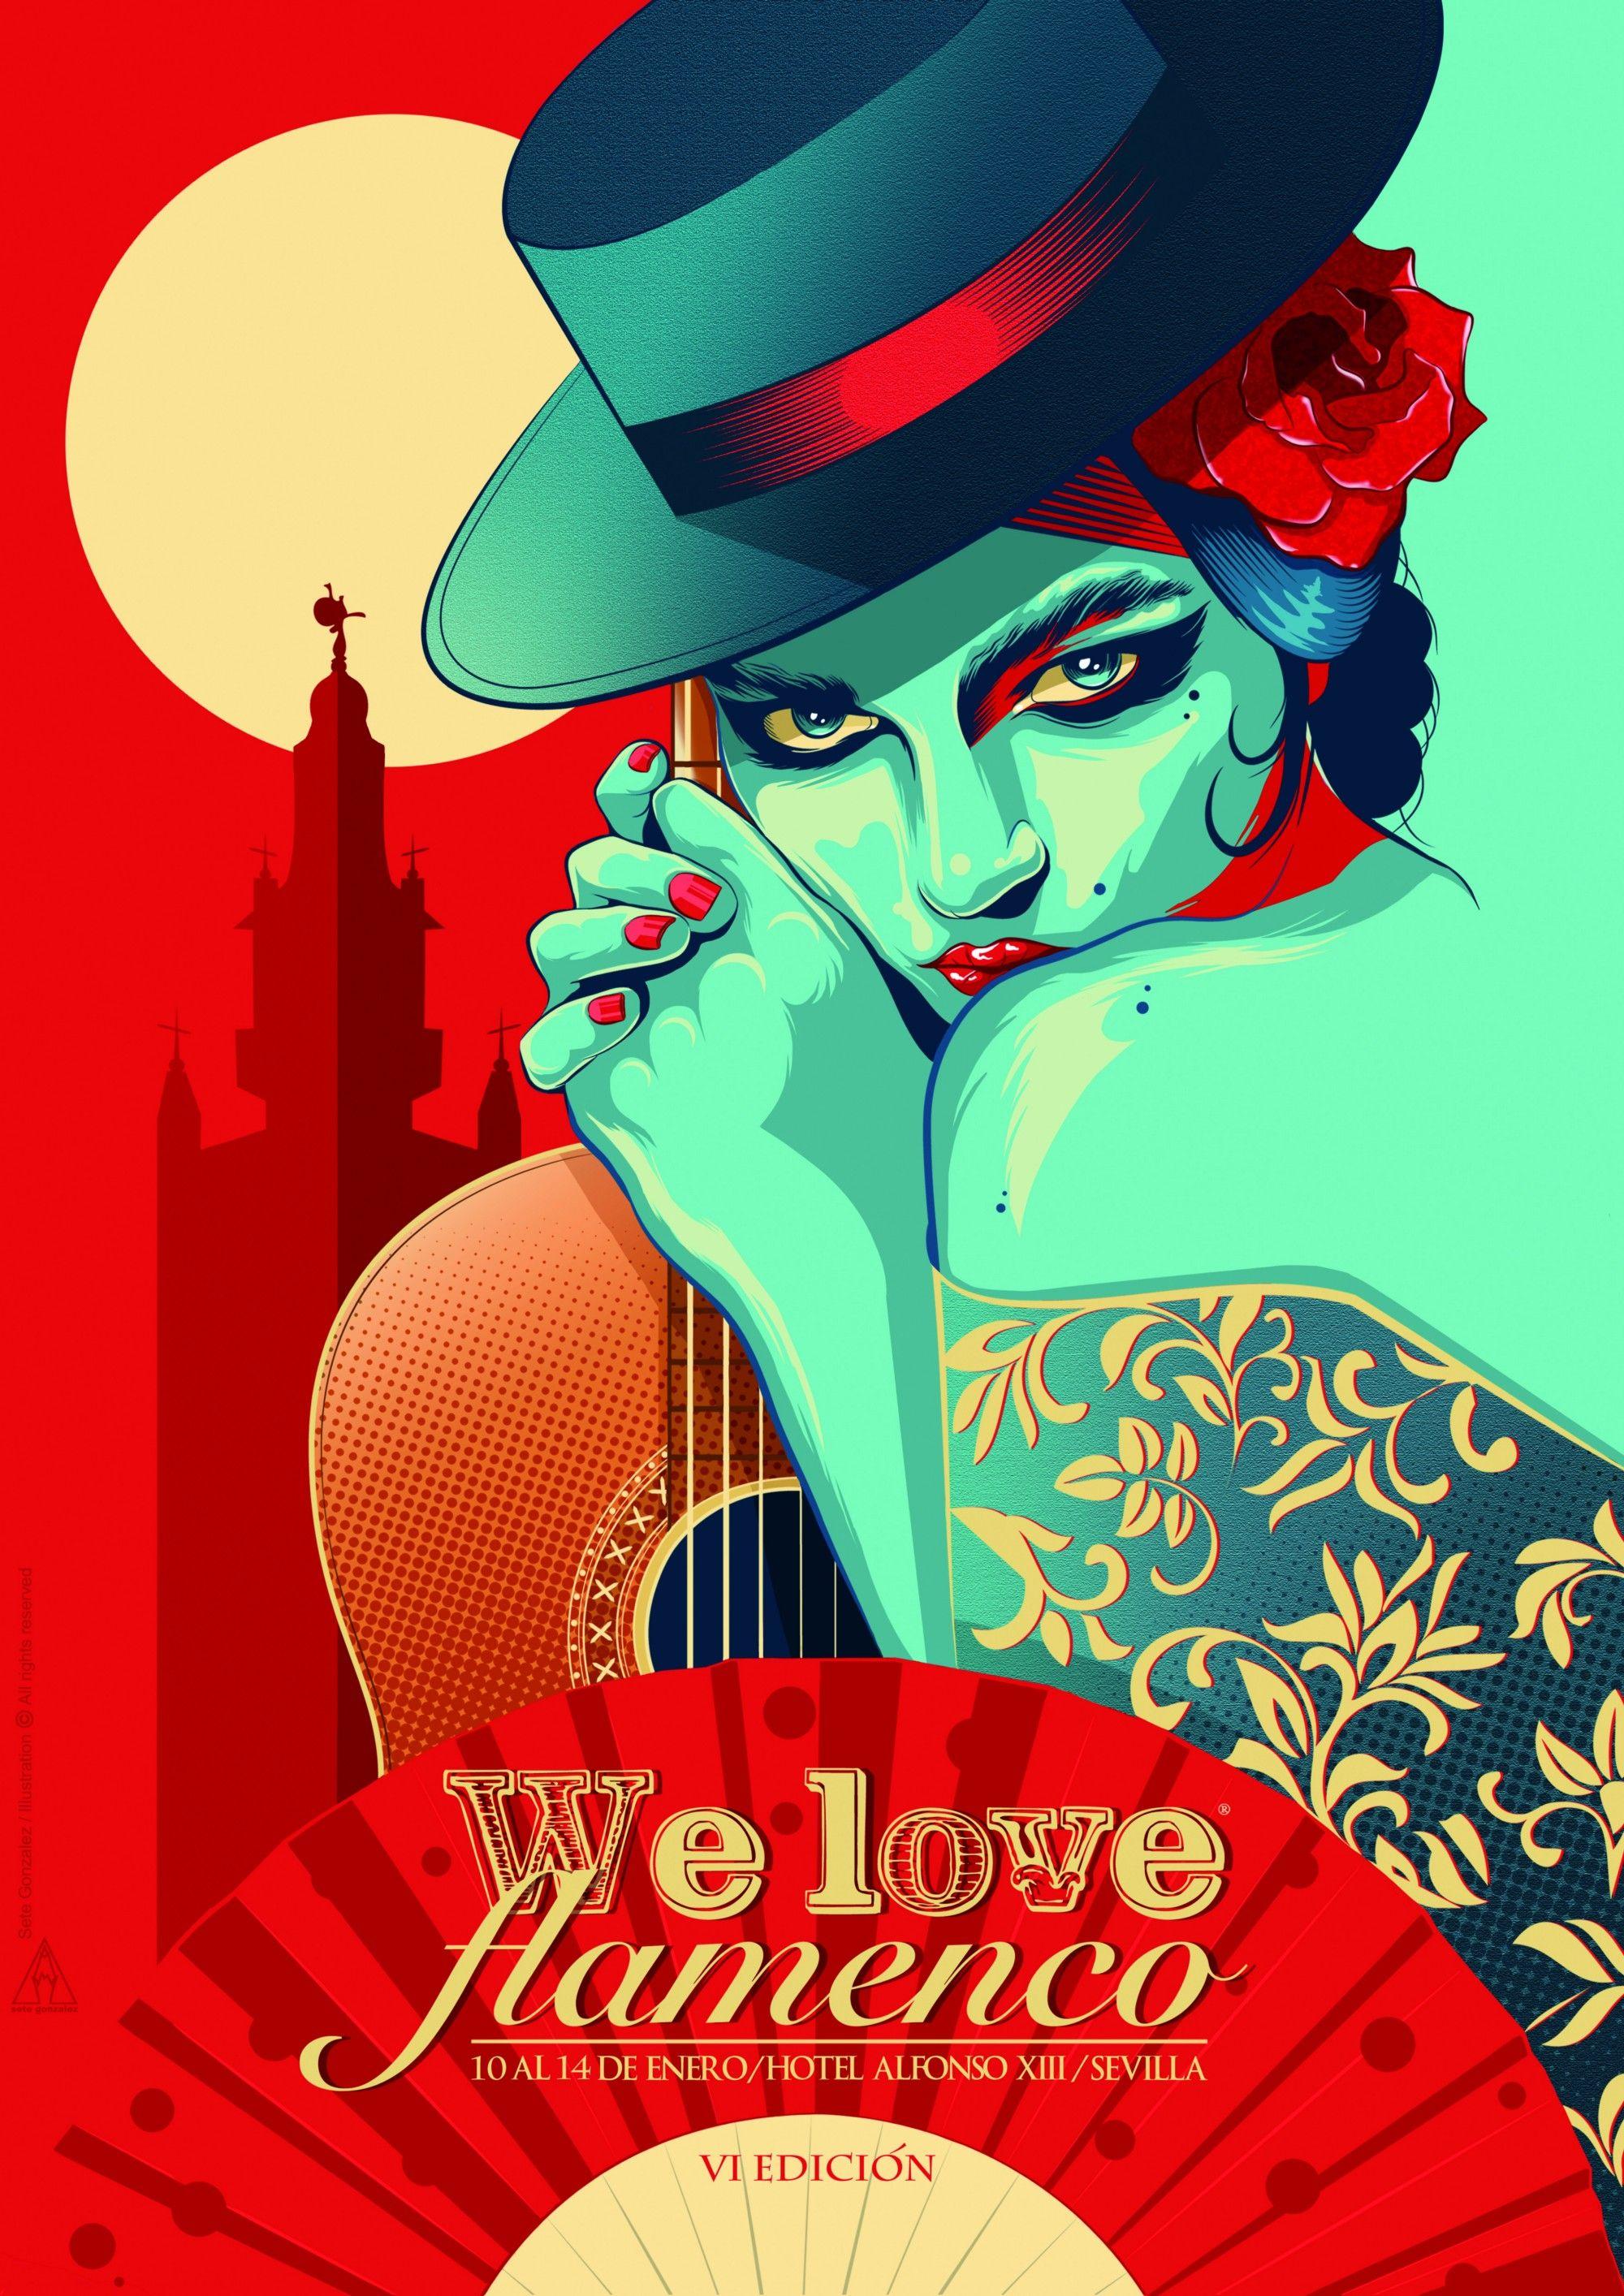 Arranca La Temporada Moda Flamenca Con La Vi Edicion Pasarela We Love Flamenco Bailarines De Flamenco Pintura De Flamenco Flamenco Dibujo